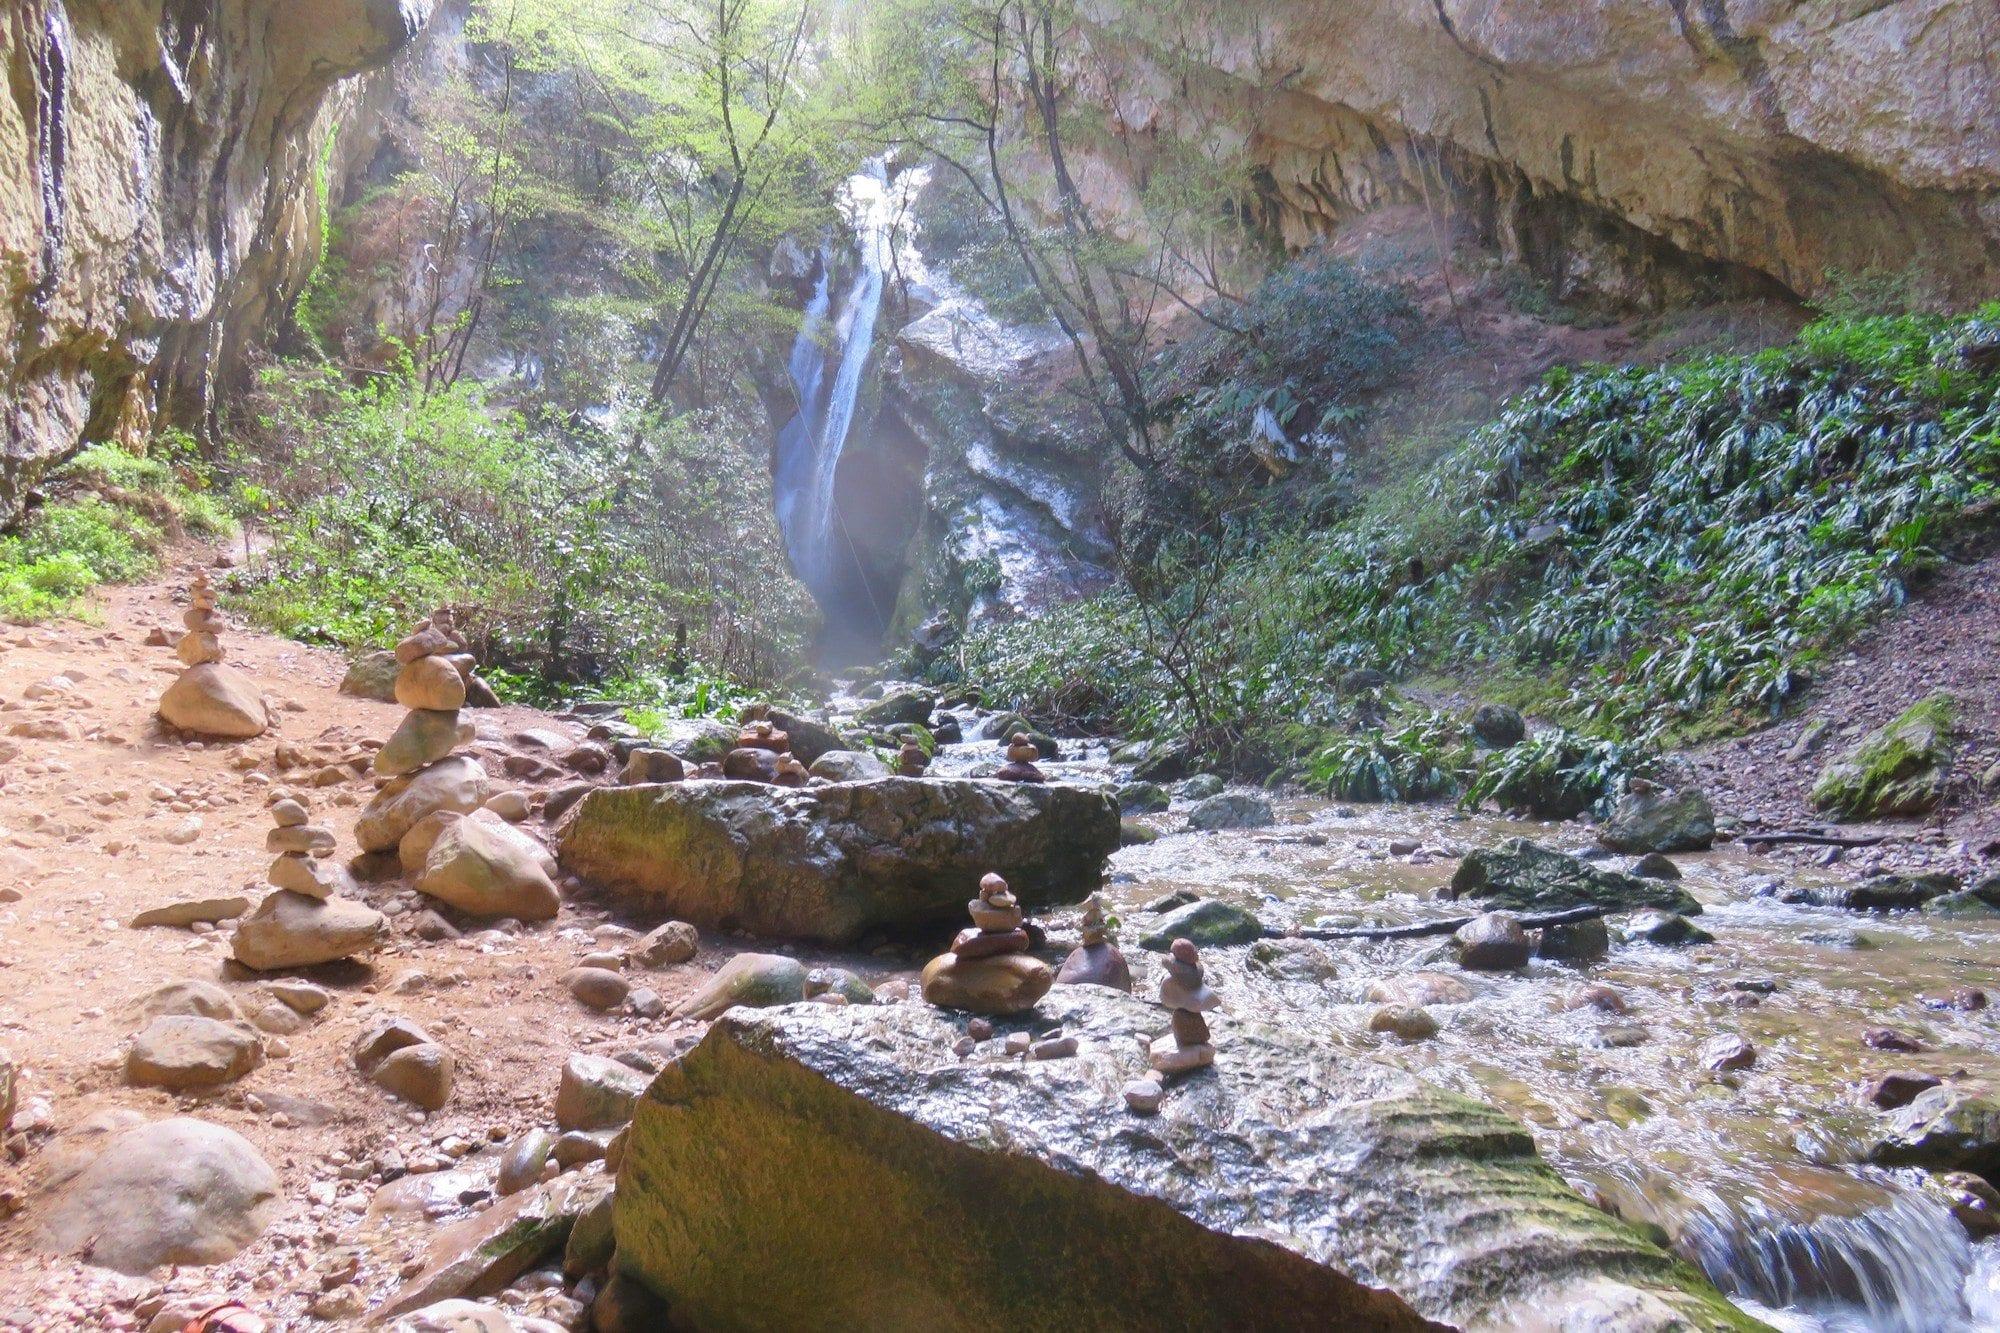 ויה פראטה Sallagoni - אתגר באיטליה - ערוצים בטבע